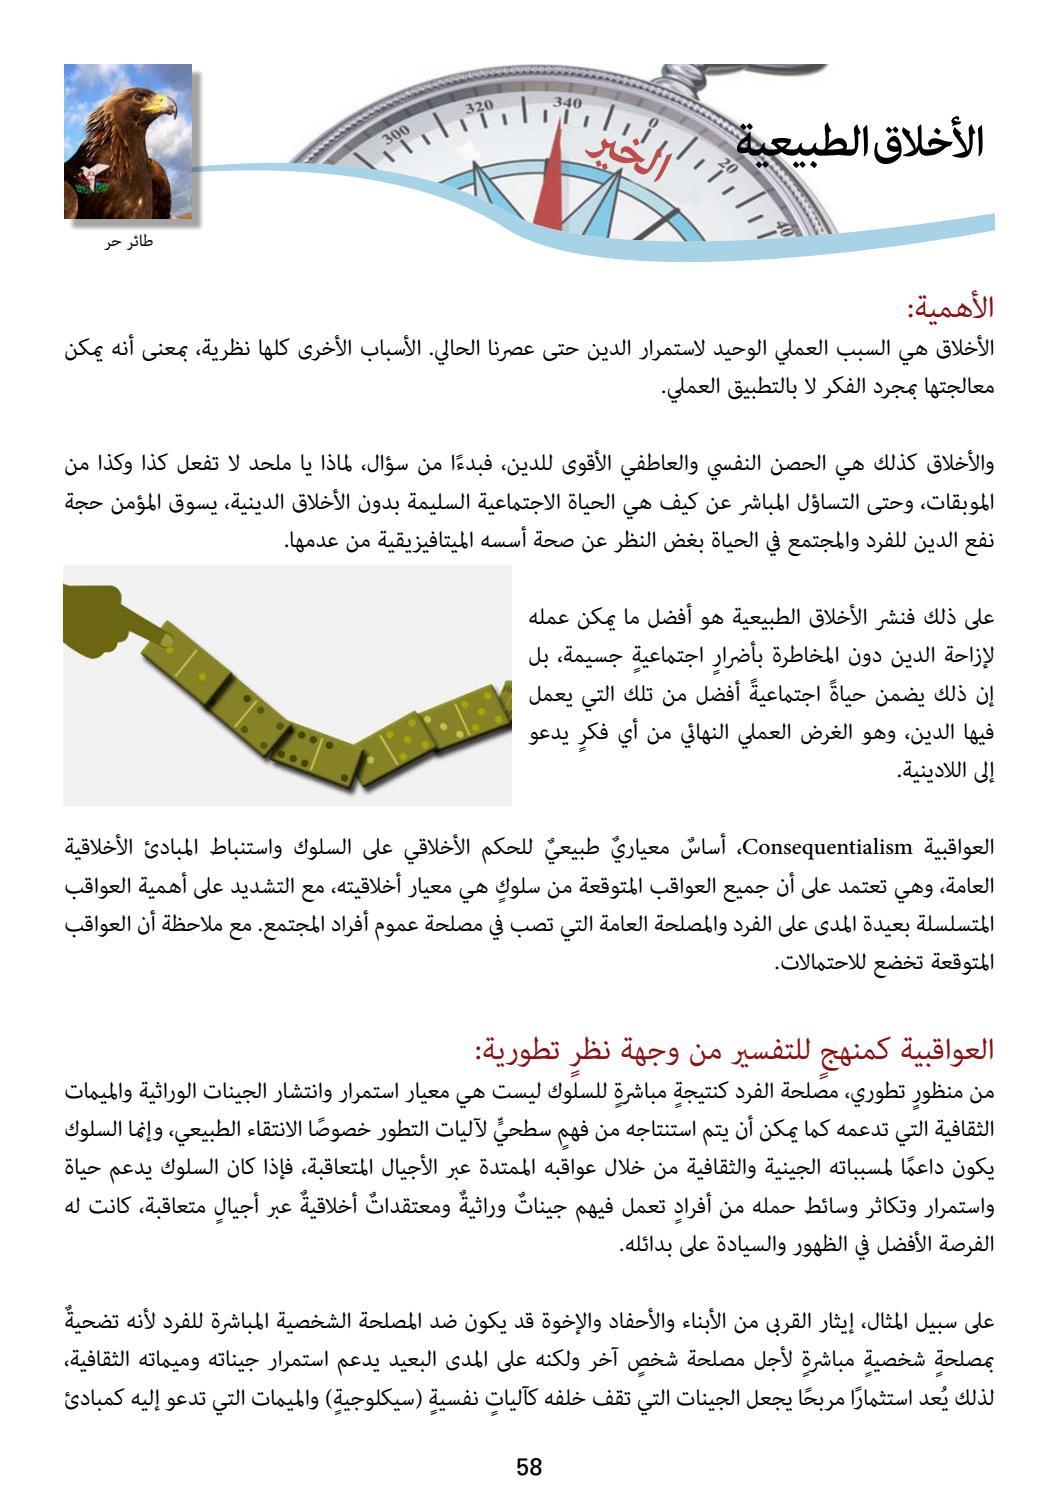 مجلة الملحدين العرب العدد الواحد والثمانون أغسطس آب 2019 Vebuka Com